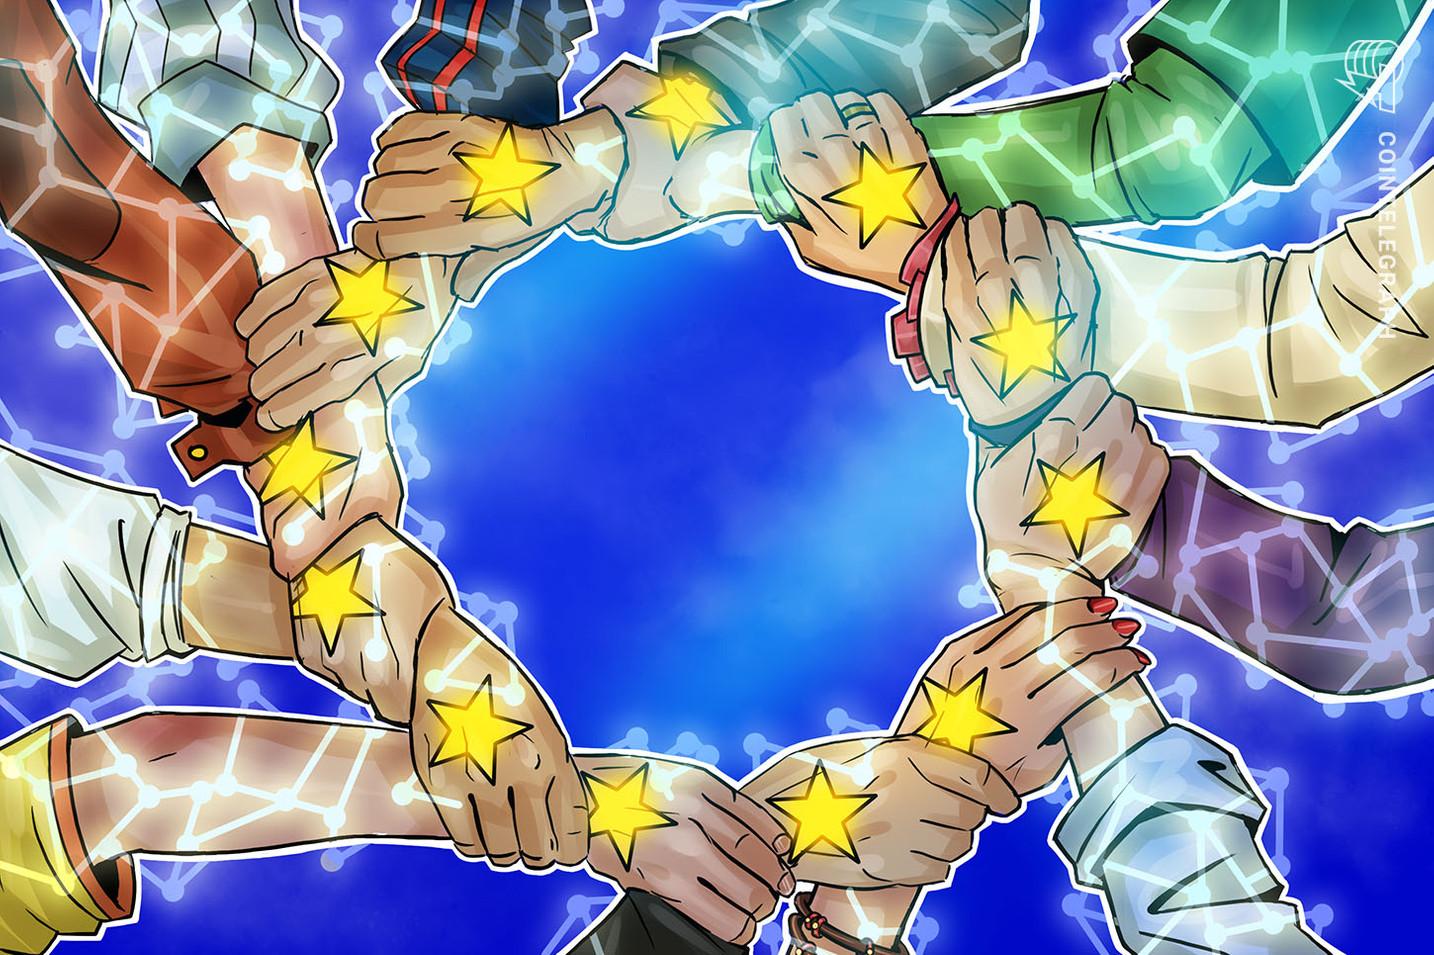 Asociación Blockchain Europea considera que Europa toma en serio la tecnología de registros distribuidos